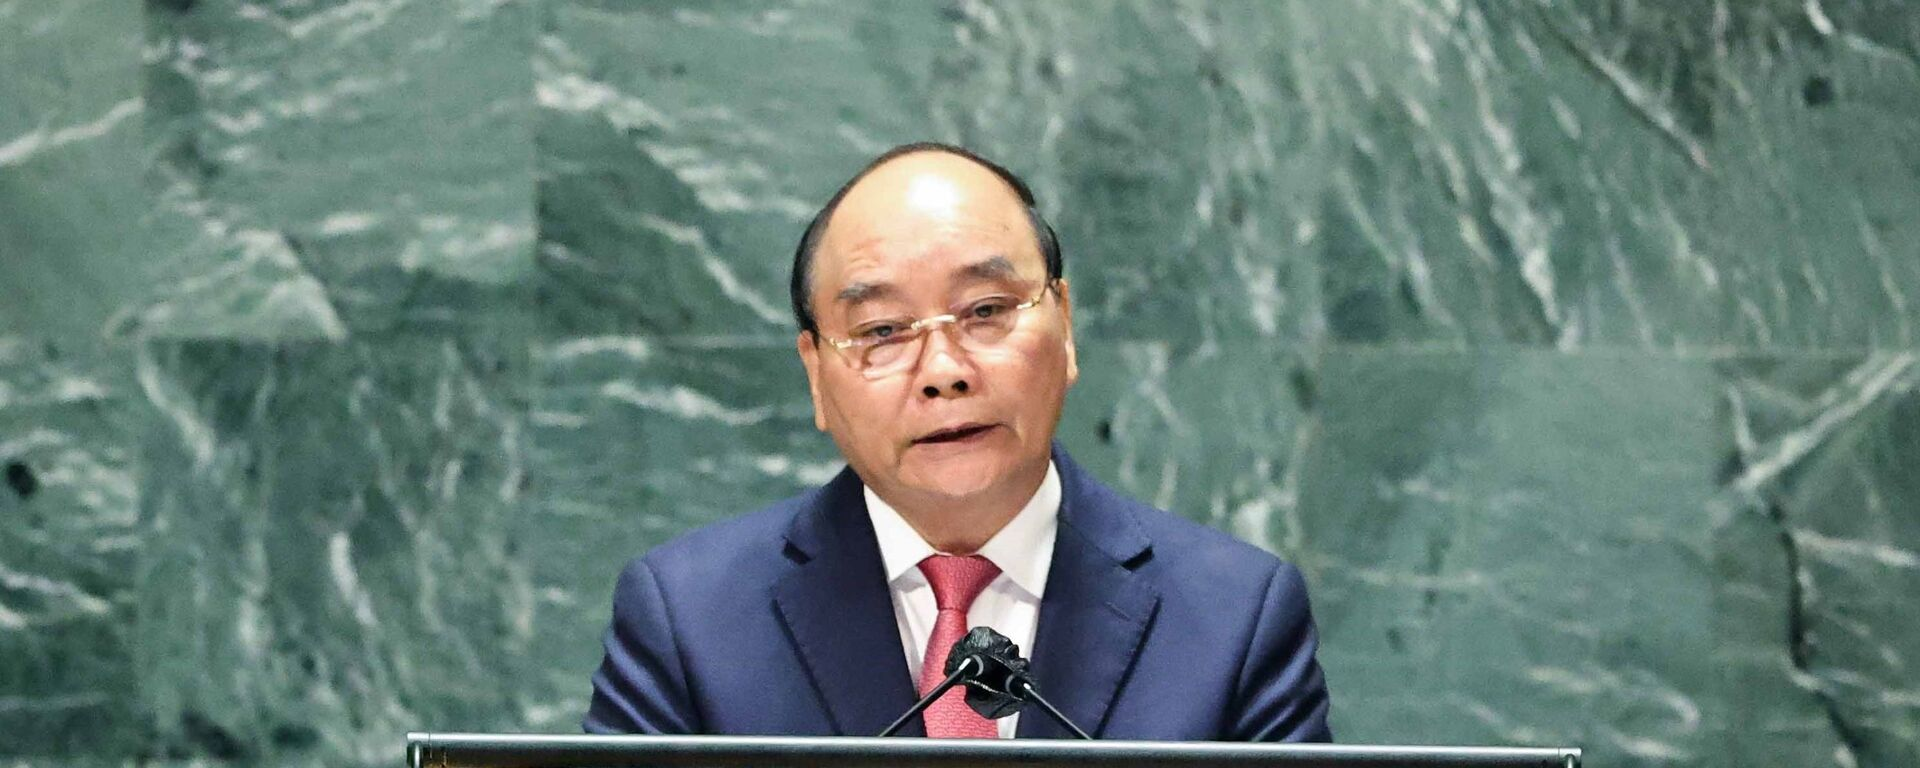 Chủ tịch nước Nguyễn Xuân Phúc phát biểu tại Phiên thảo luận Cấp cao Đại hội đồng Liên hợp quốc lần thứ 76 - Sputnik Việt Nam, 1920, 23.09.2021